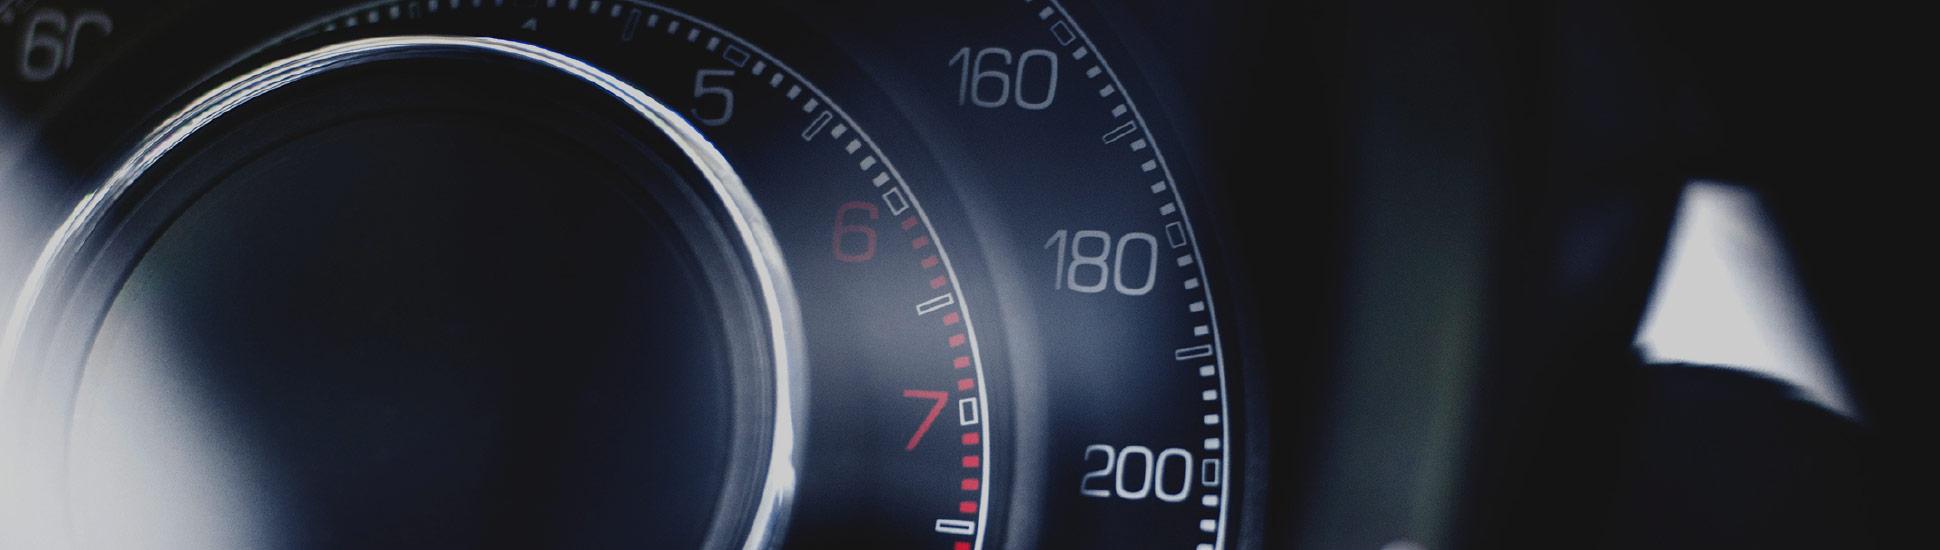 speedometer representing optimization marketing